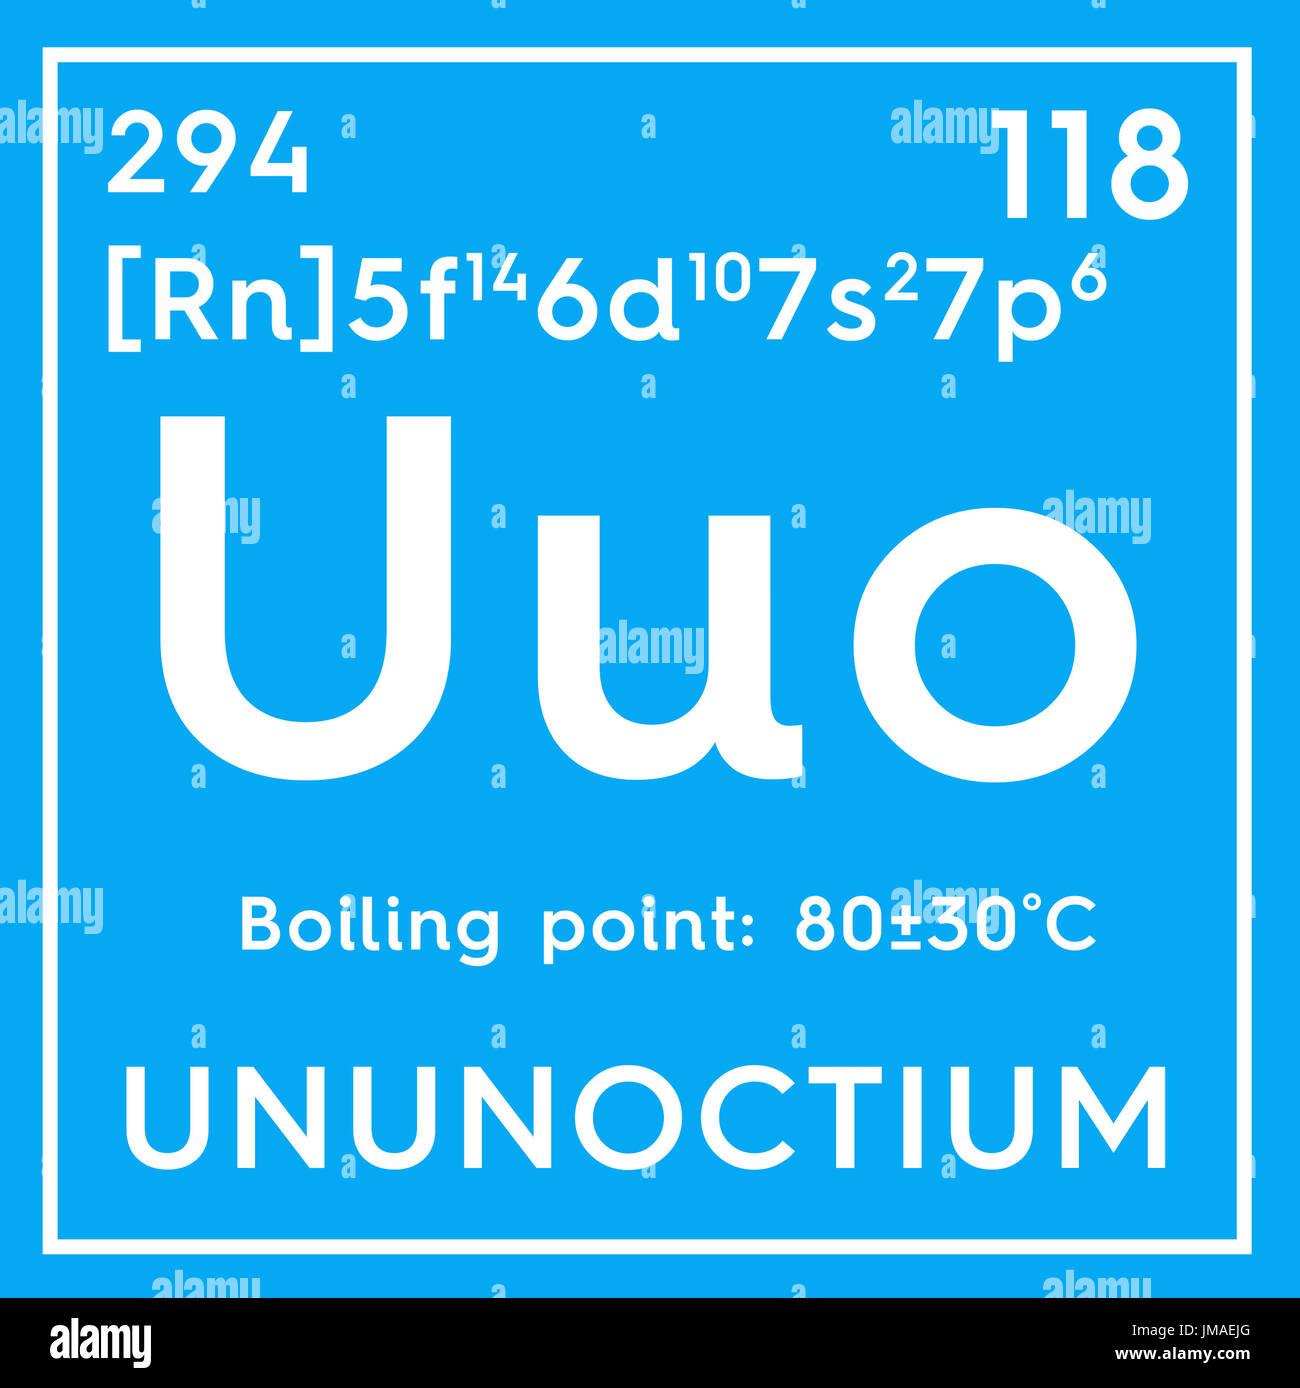 Ununoctium los gases nobles elemento qumico de la tabla peridica ununoctium los gases nobles elemento qumico de la tabla peridica de mendeleyev en ununoctium square cube concepto creativo urtaz Choice Image